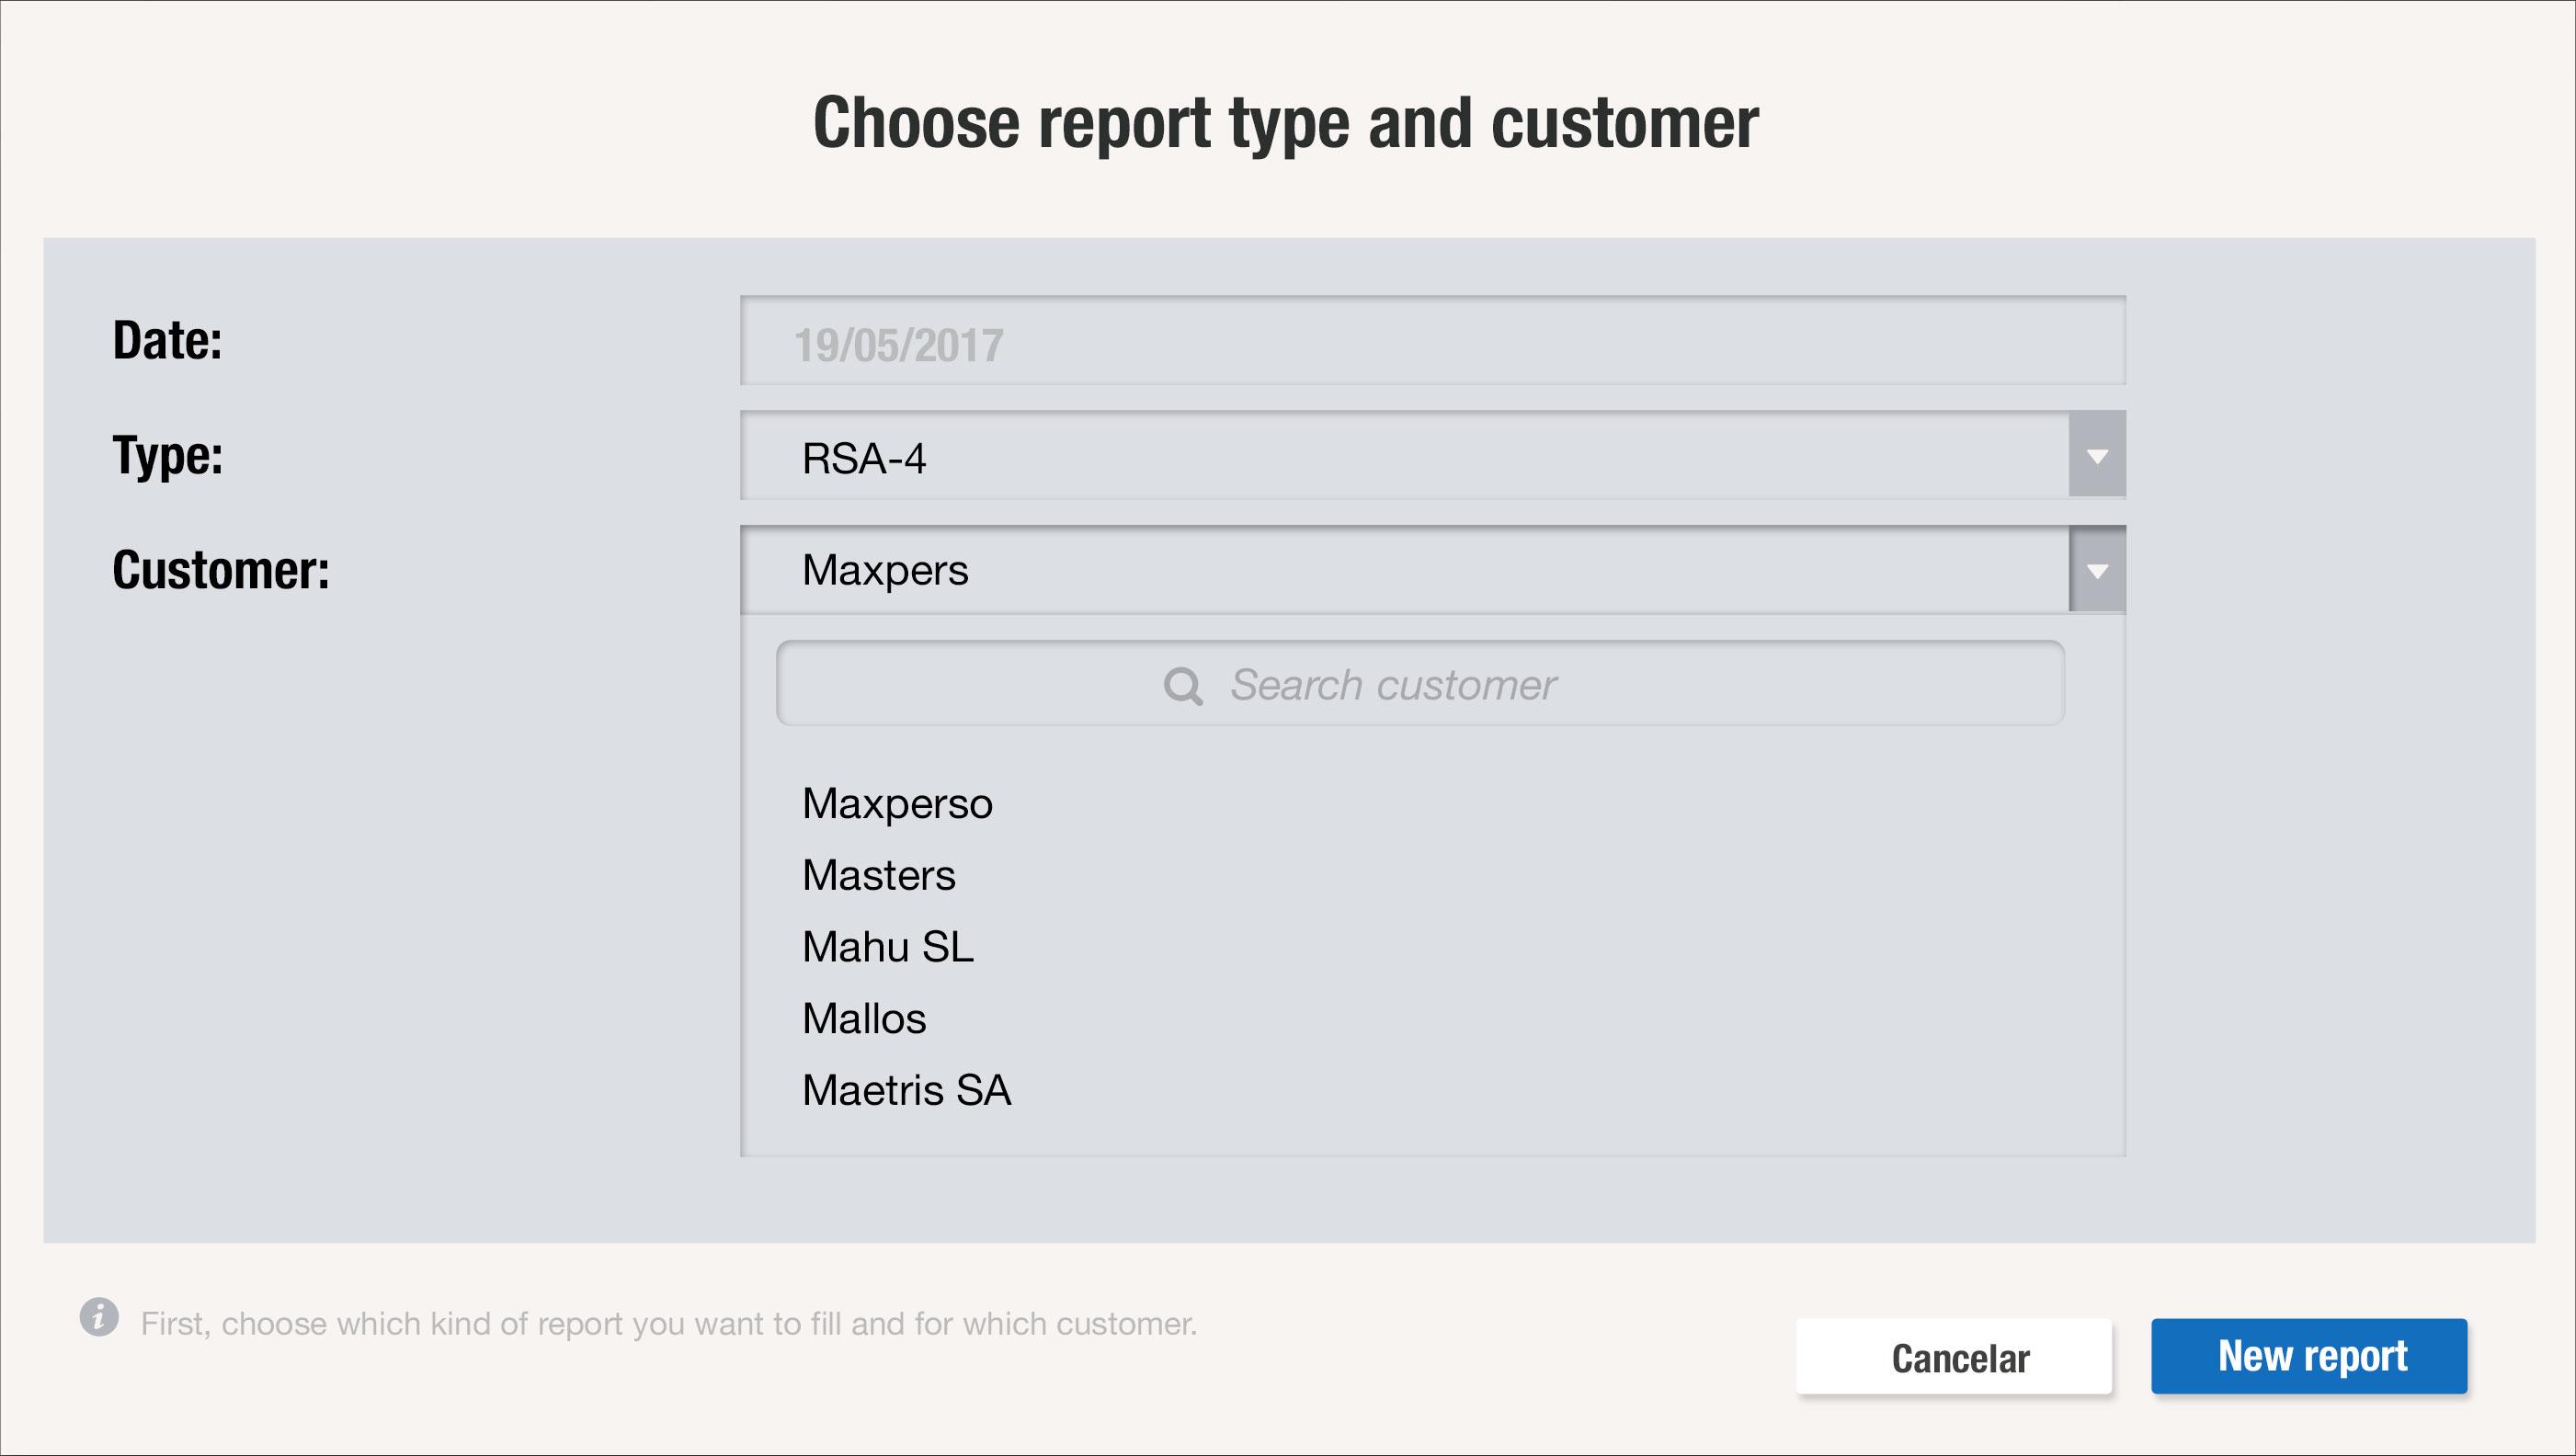 Configura cualquier estructura y tipología de report para que los comerciales puedan rellenarlos y completarlos con la información adecuada para tener mayor control comercial gracias a uSell CRM